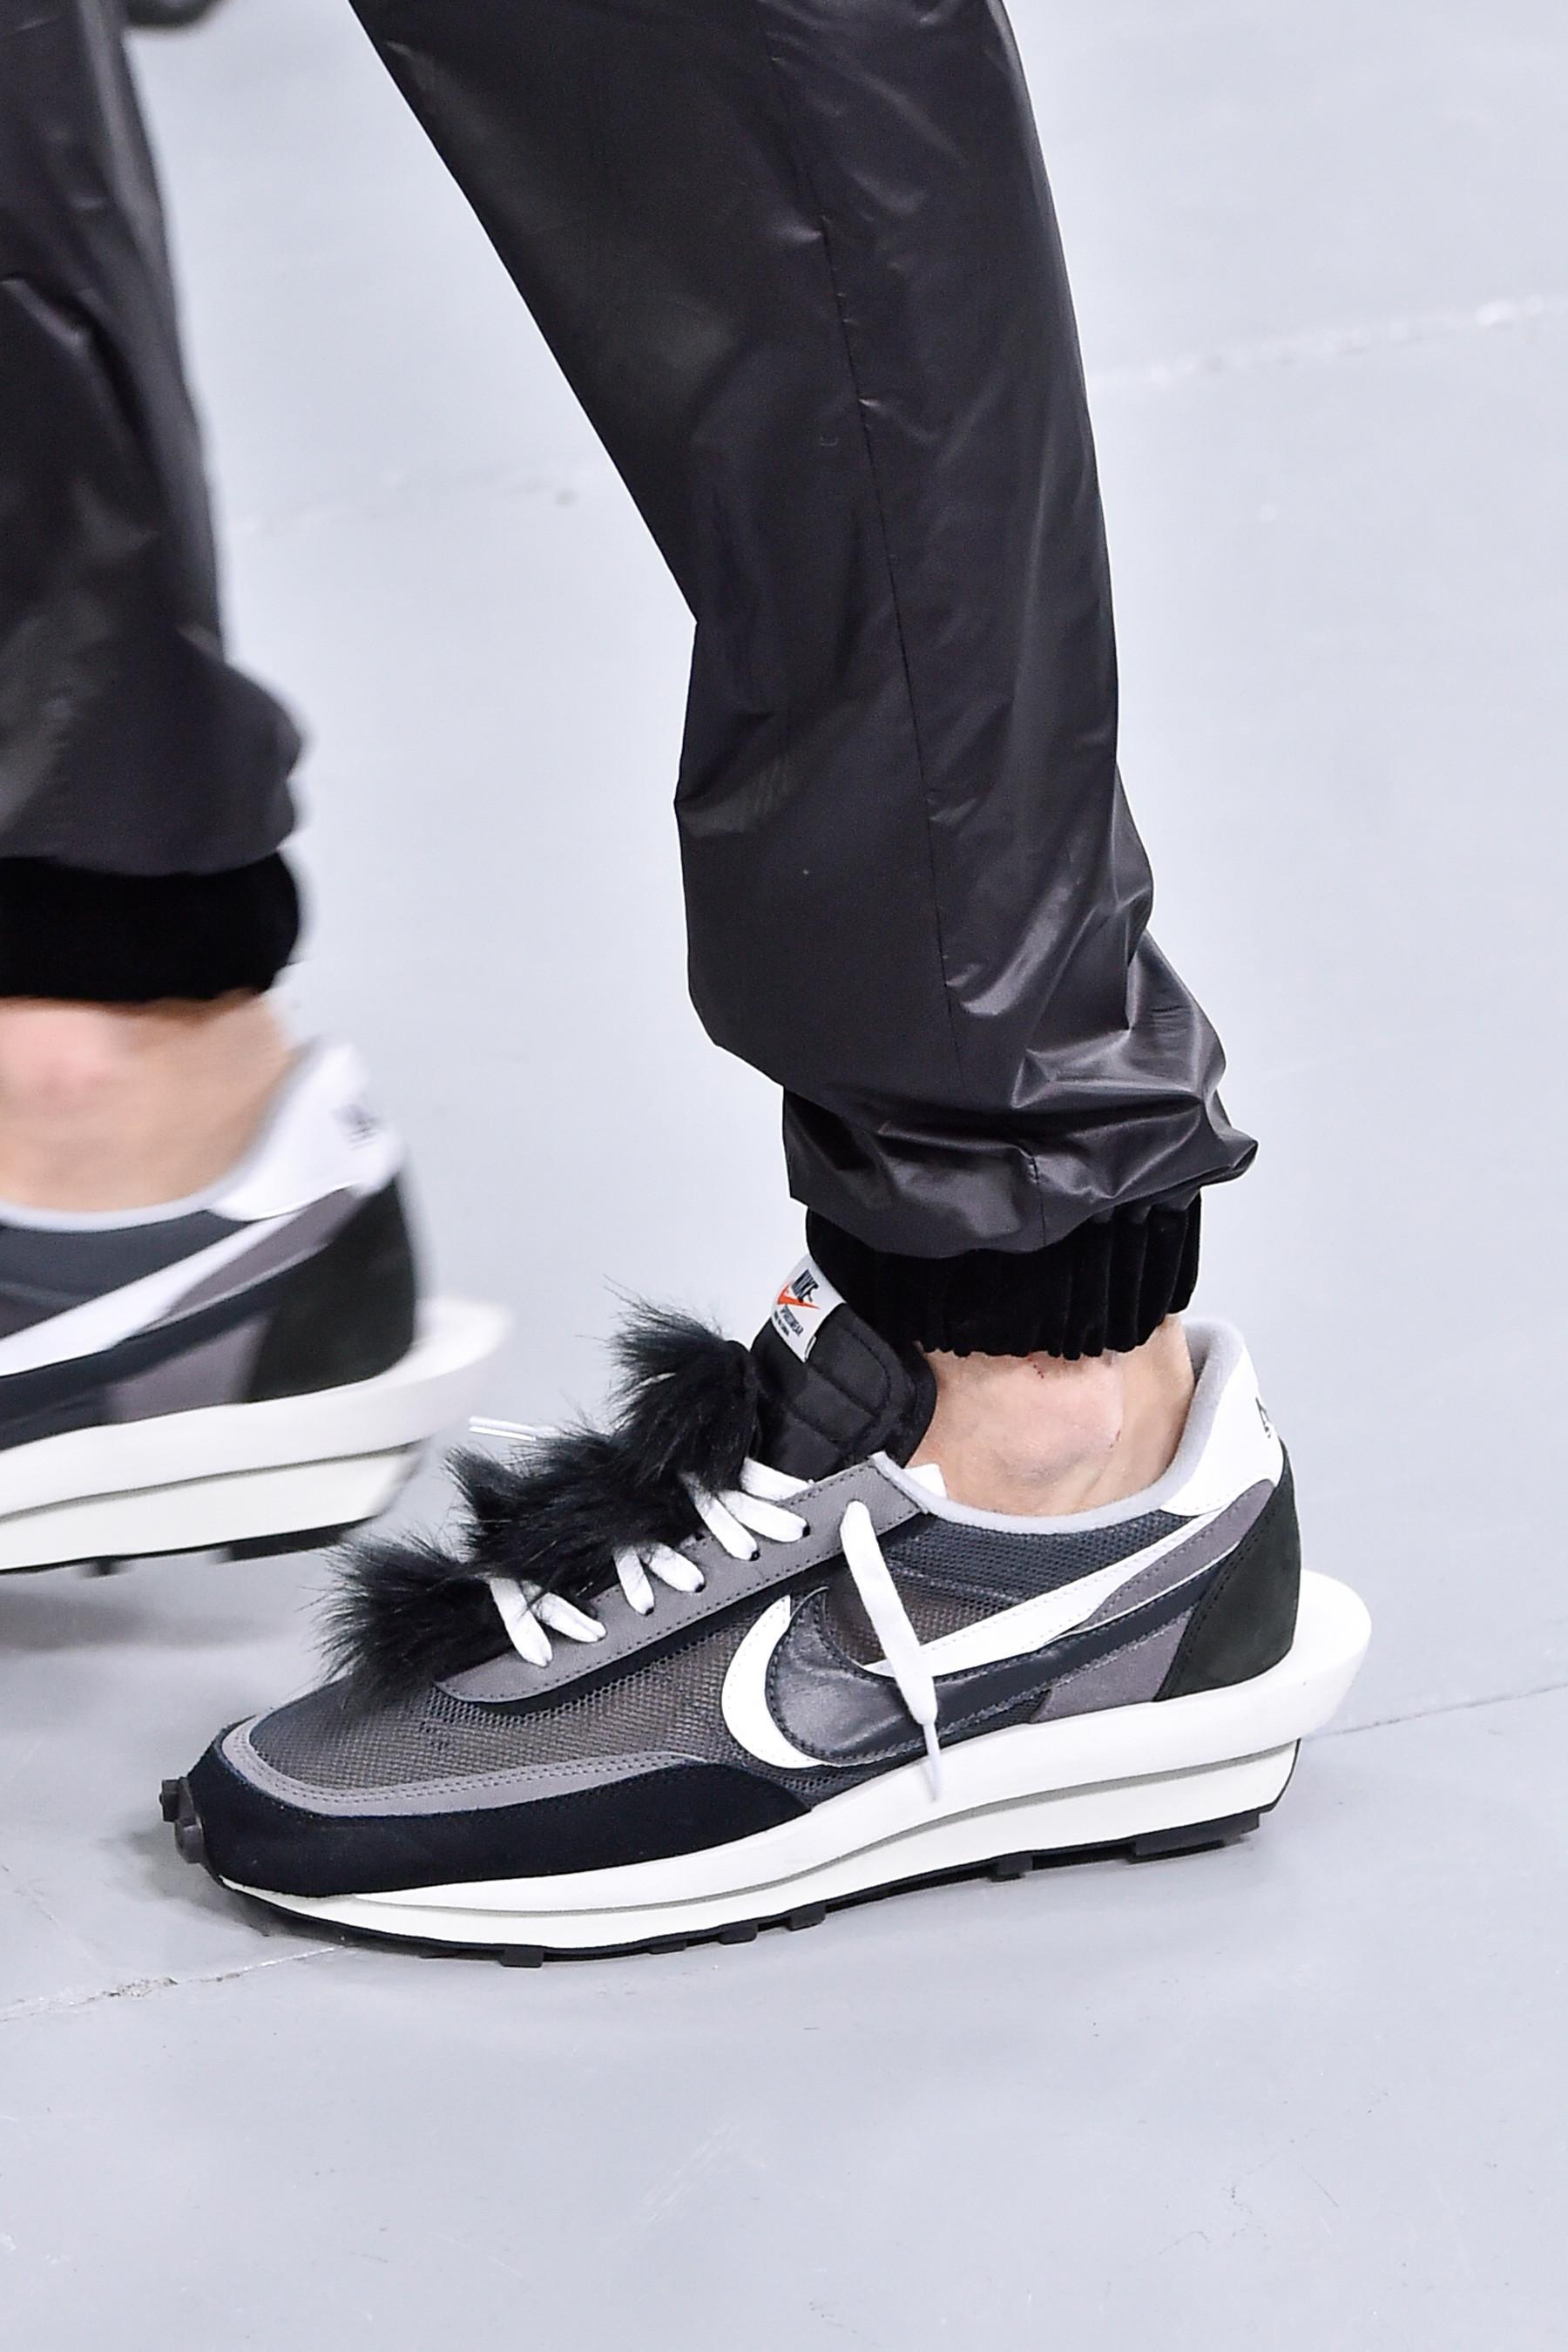 sacai và Nike tung ra thiết kế sneakers mới tại sàn diễn thời trang Paris Thu/Đông 19